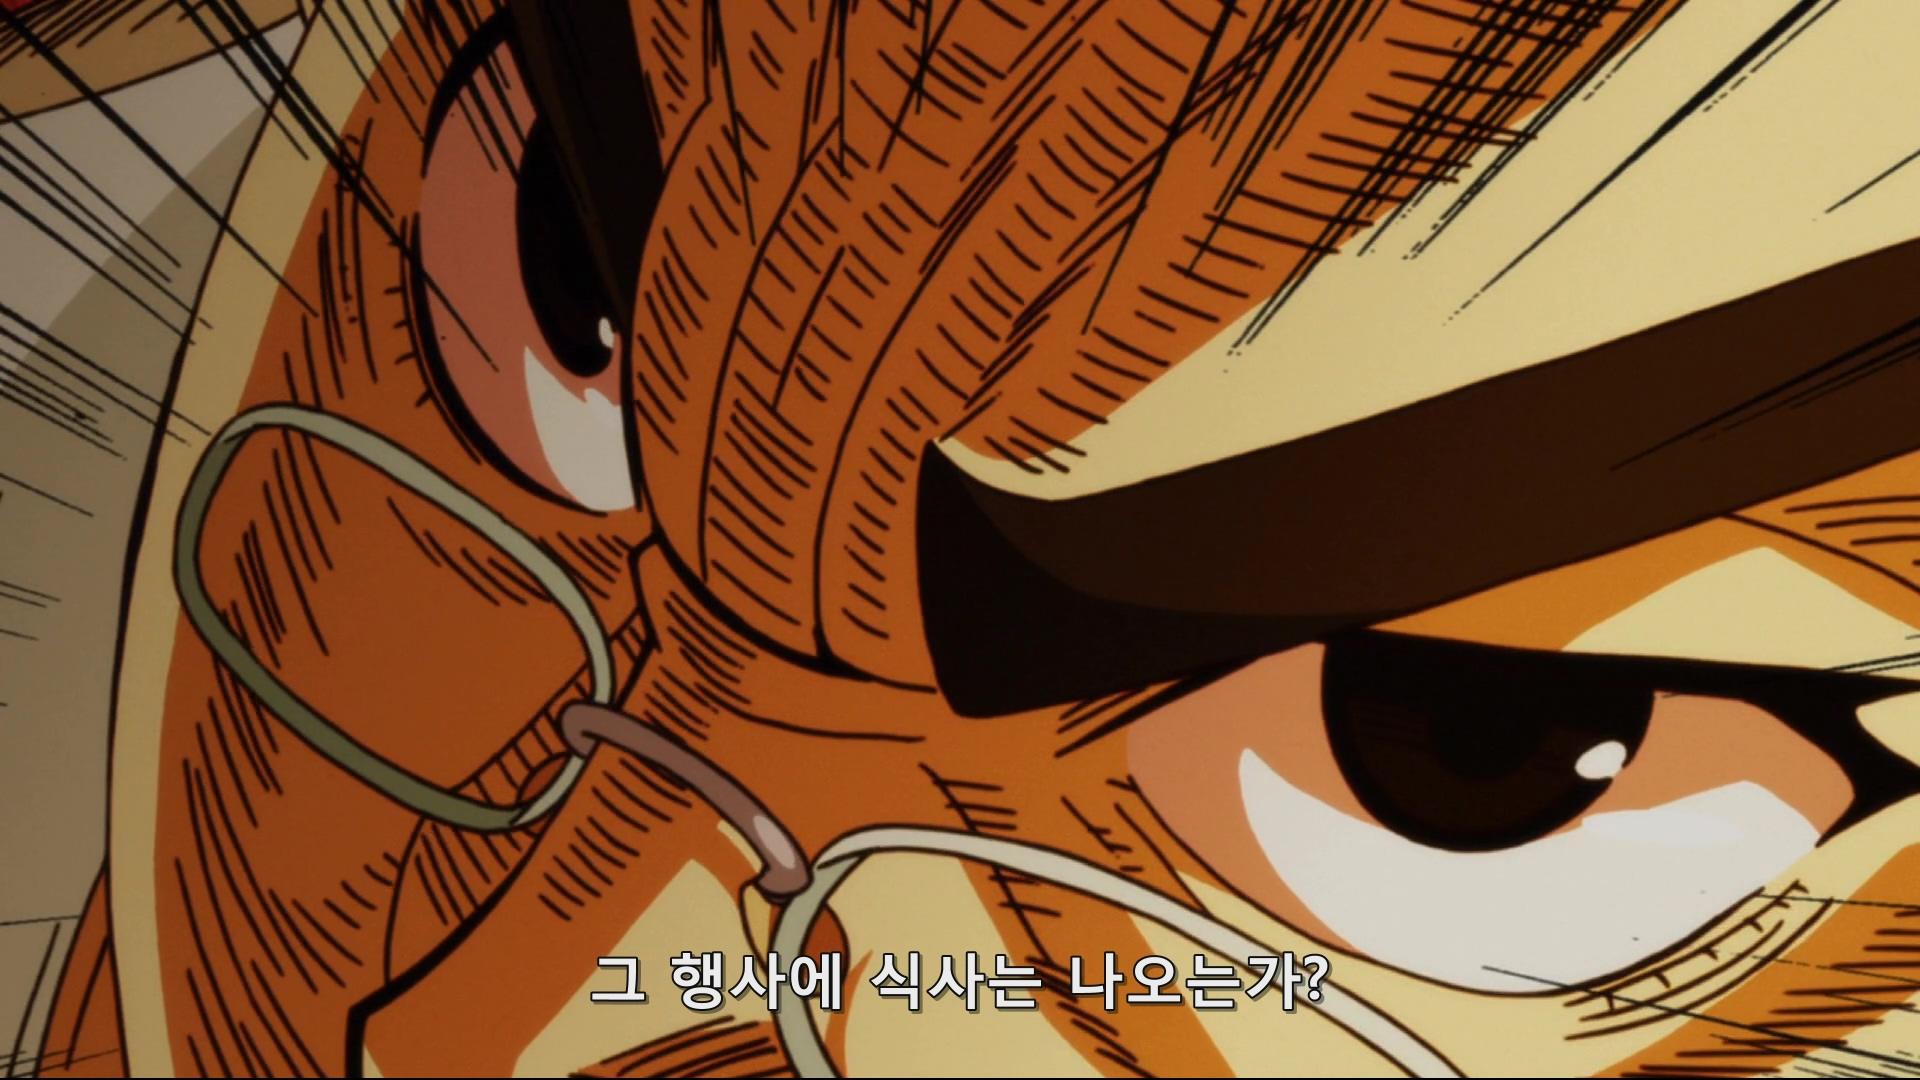 킬라킬キルラキル 17화(TRIGGER, 2013) - 드디..